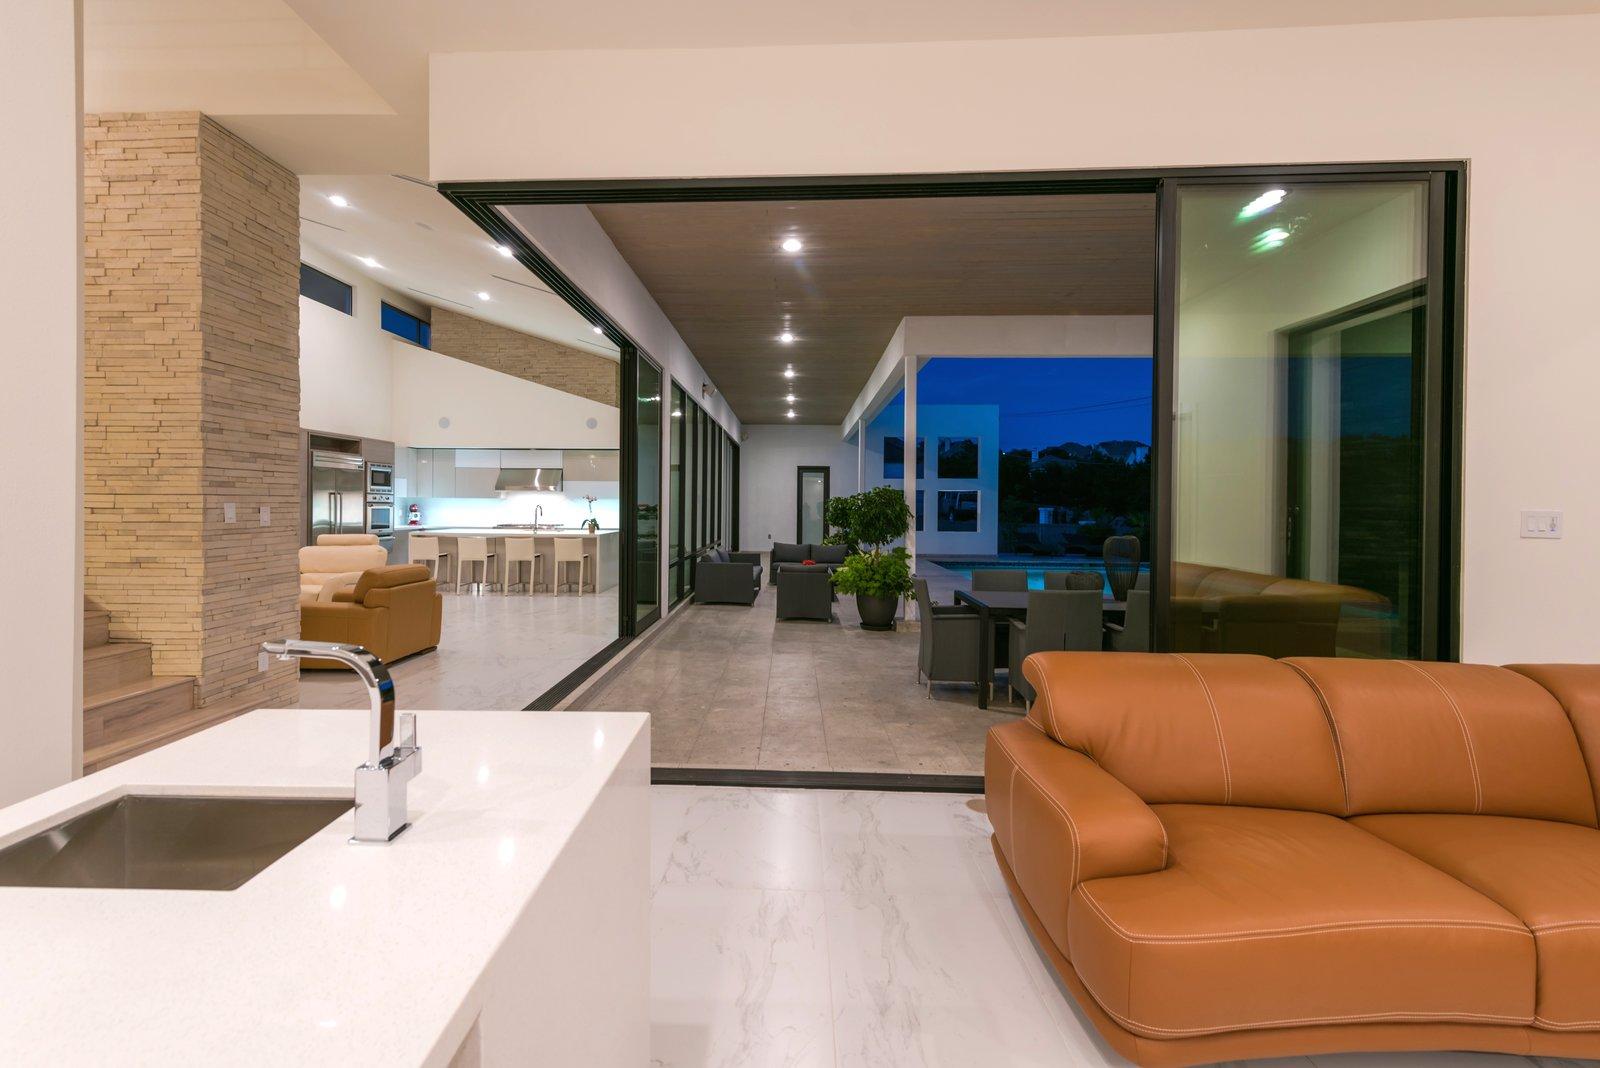 GAMEROOM-BAR  ORVANANOS HOUSE by OSCAR E FLORES DESIGN STUDIO